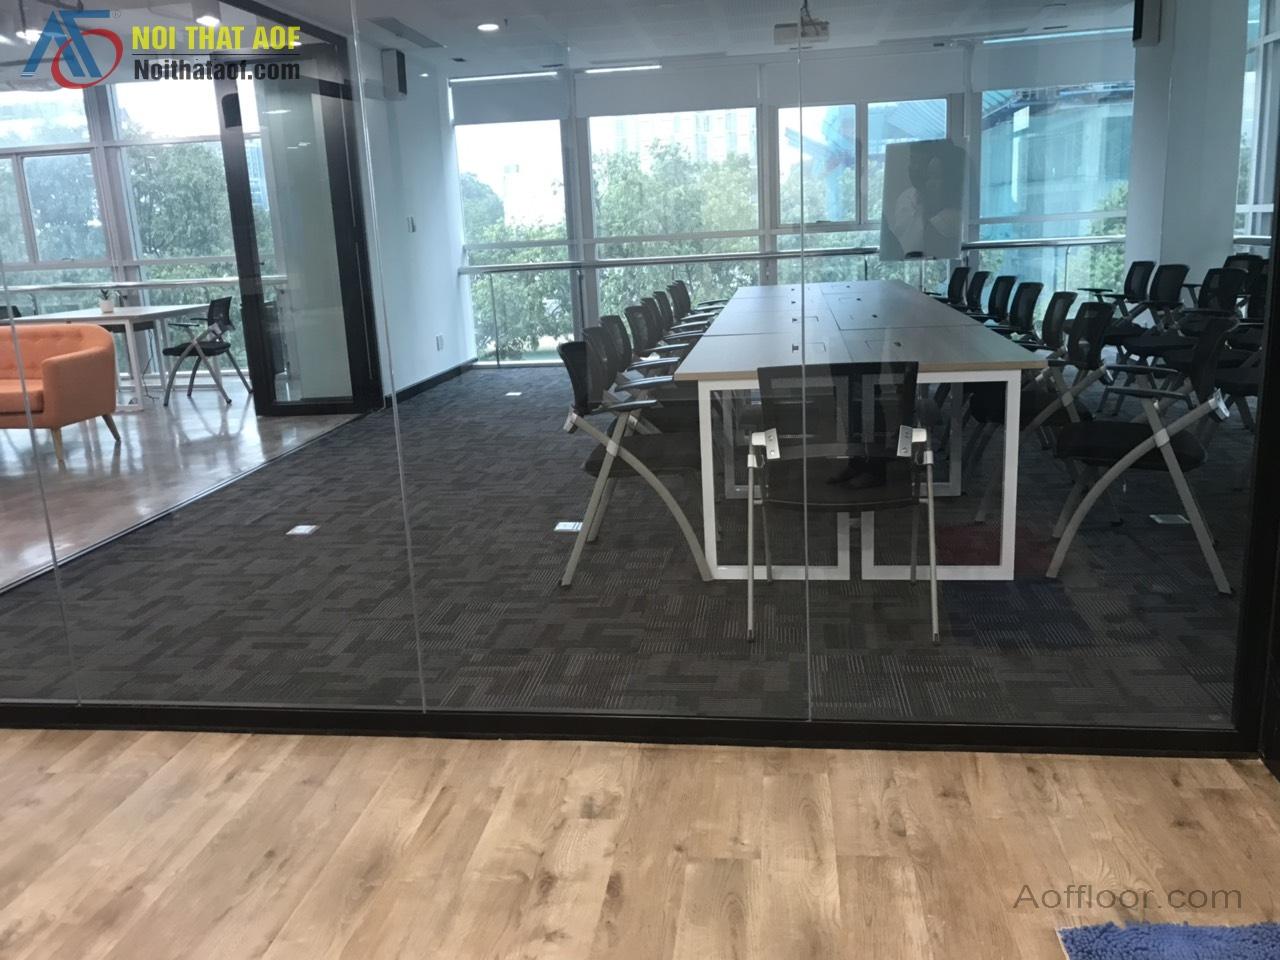 Sàn nhựa hèm khóa SPC và Sàn dán keo PVC vào thị trường cải thiện sàn là một xu hướng tất yếu!